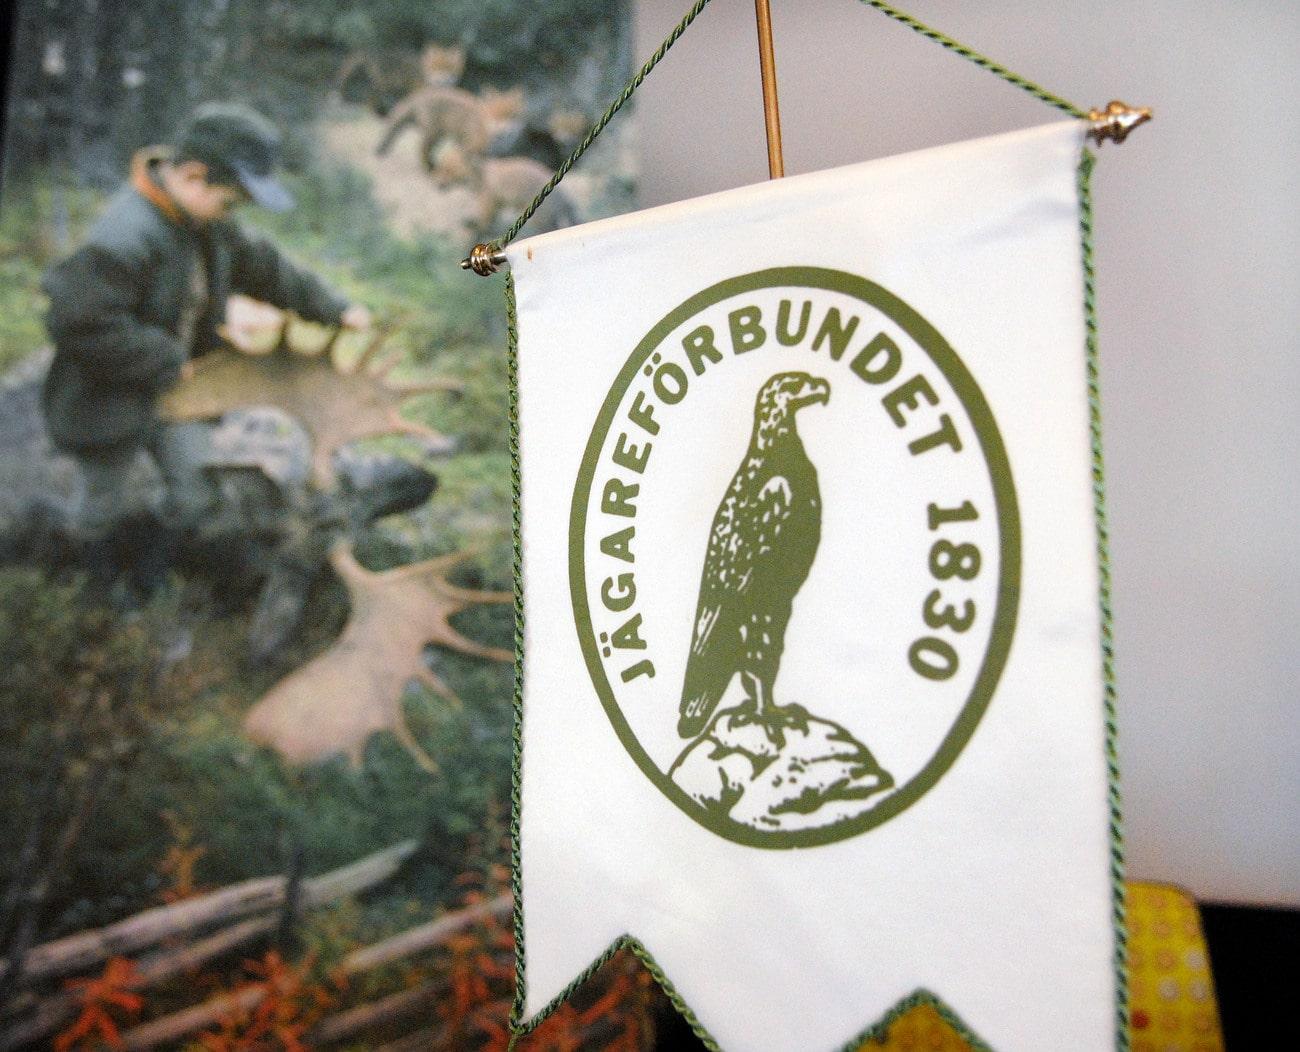 LRF vill avveckla Jägareförbundets allmänna uppdrag. I slutet av maj ska LRF:s riksstämma ta ställning till en motion i ärendet. Foto: Lars-Henrik Andersson